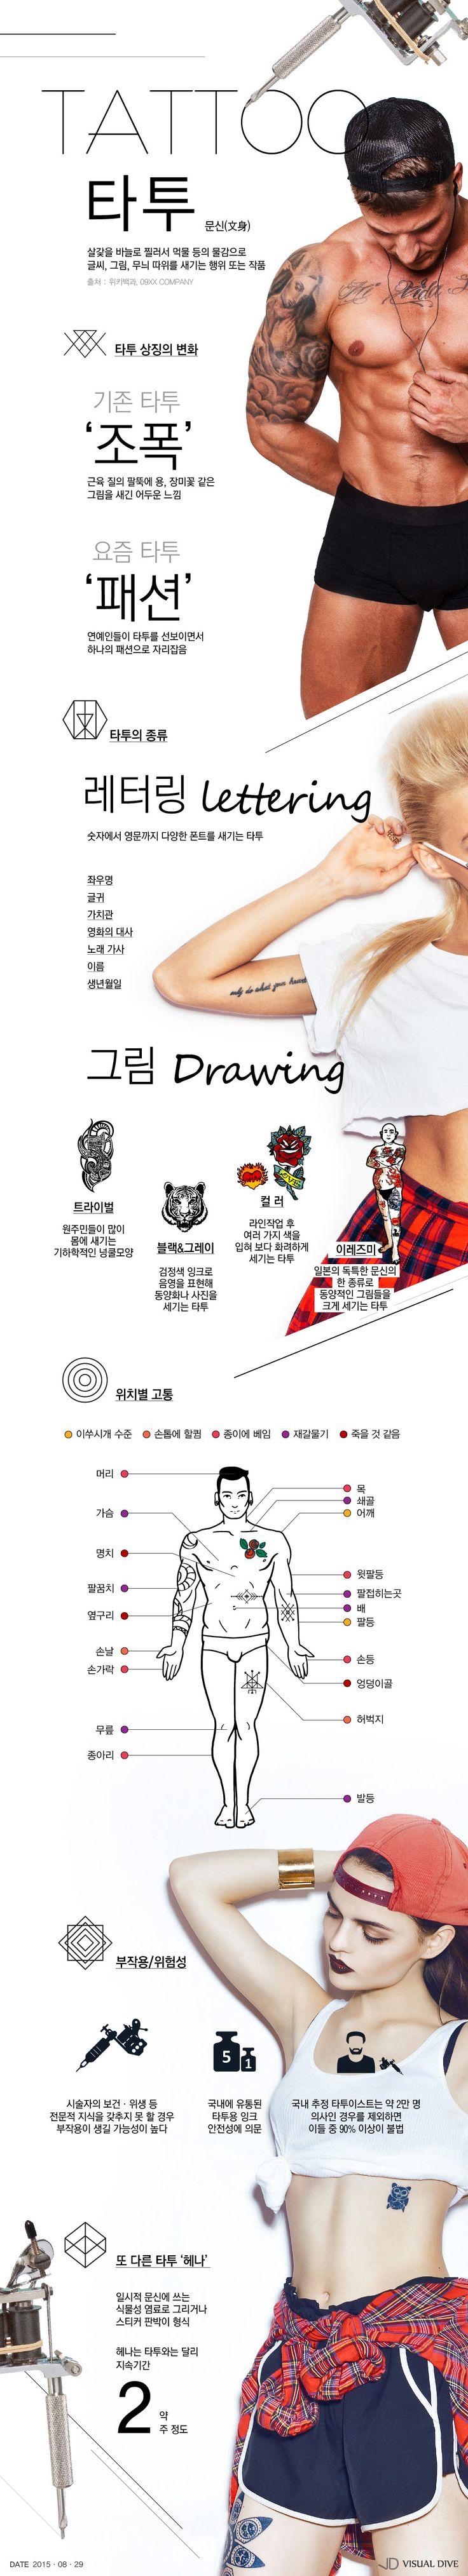 타투도 패션…나만의 매력, 문신으로 드러내자 [인포그래픽] #Tattoo / #Infographic ⓒ 비주얼다이브 무단 복사·전재·재배포 금지